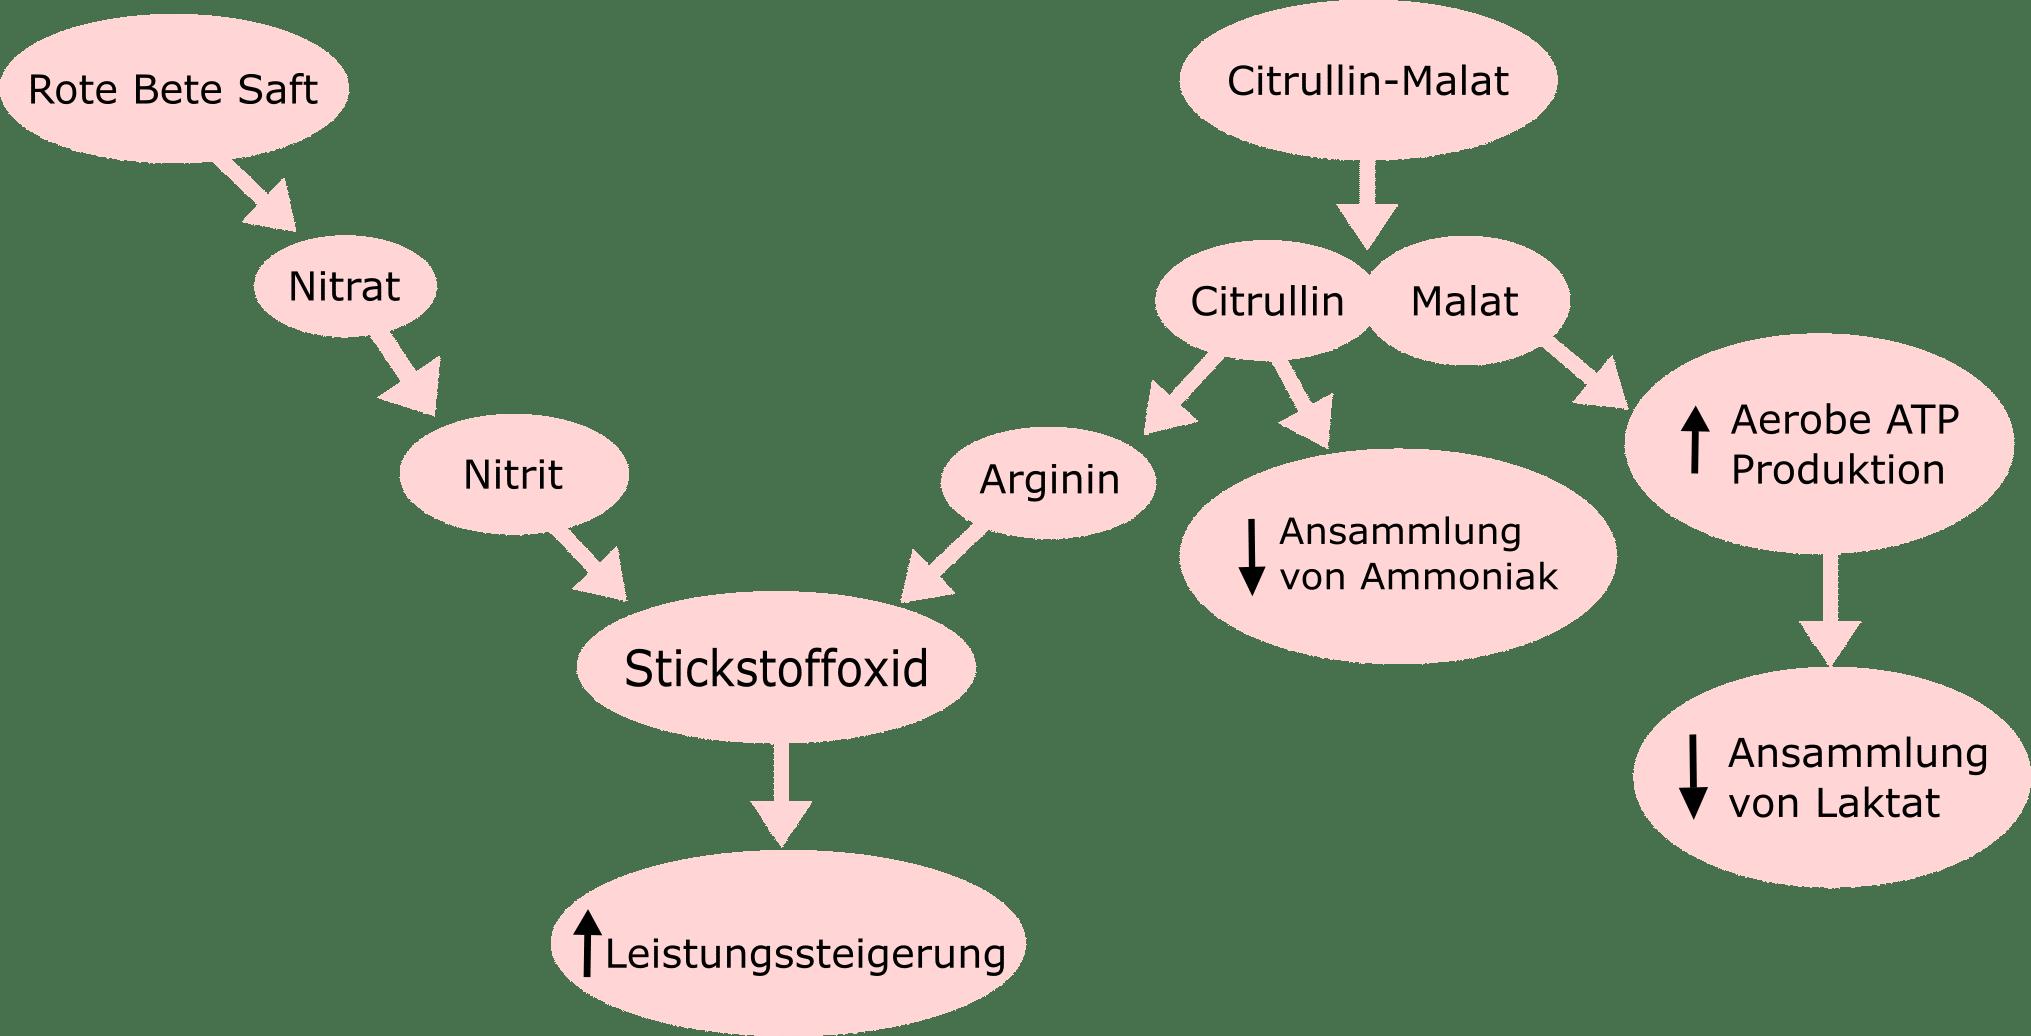 L-Citrullin: Stickstoffoxid-Stoffwechsel Schaubild